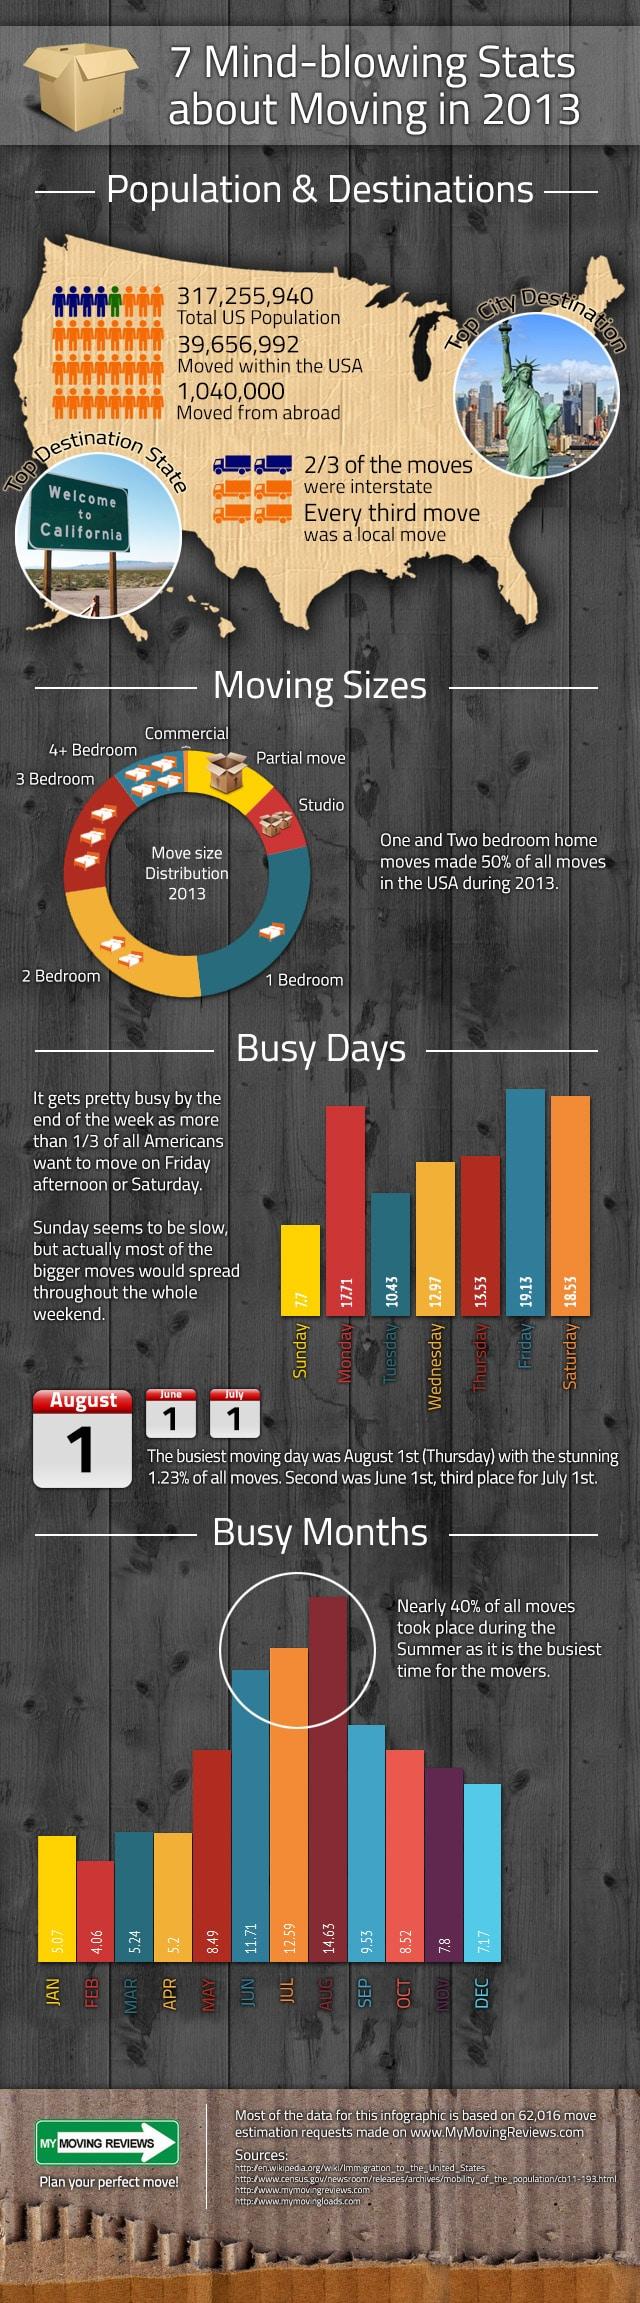 7-mindbowing-moving-stats-2013